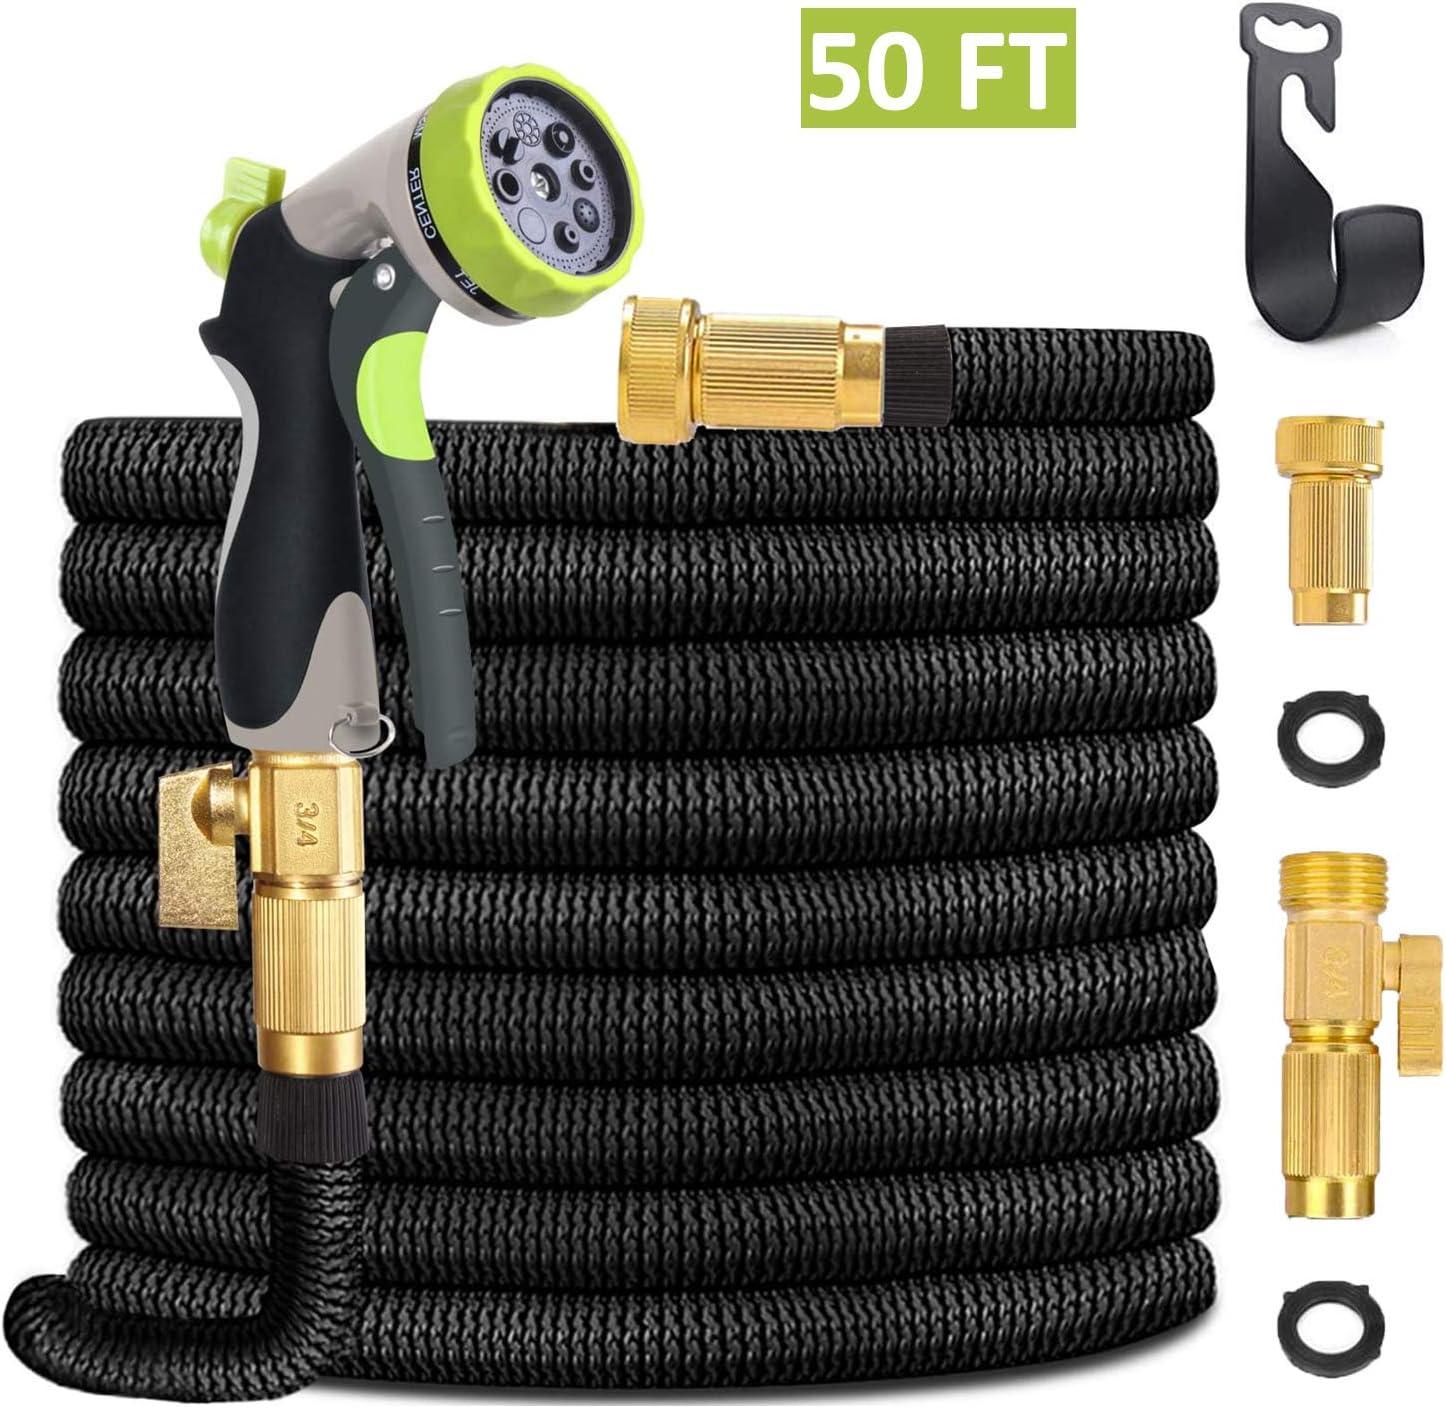 Tminnov 50Ft  8-Spray Nozzle Expandable Garden Hose  $14.49 Coupon